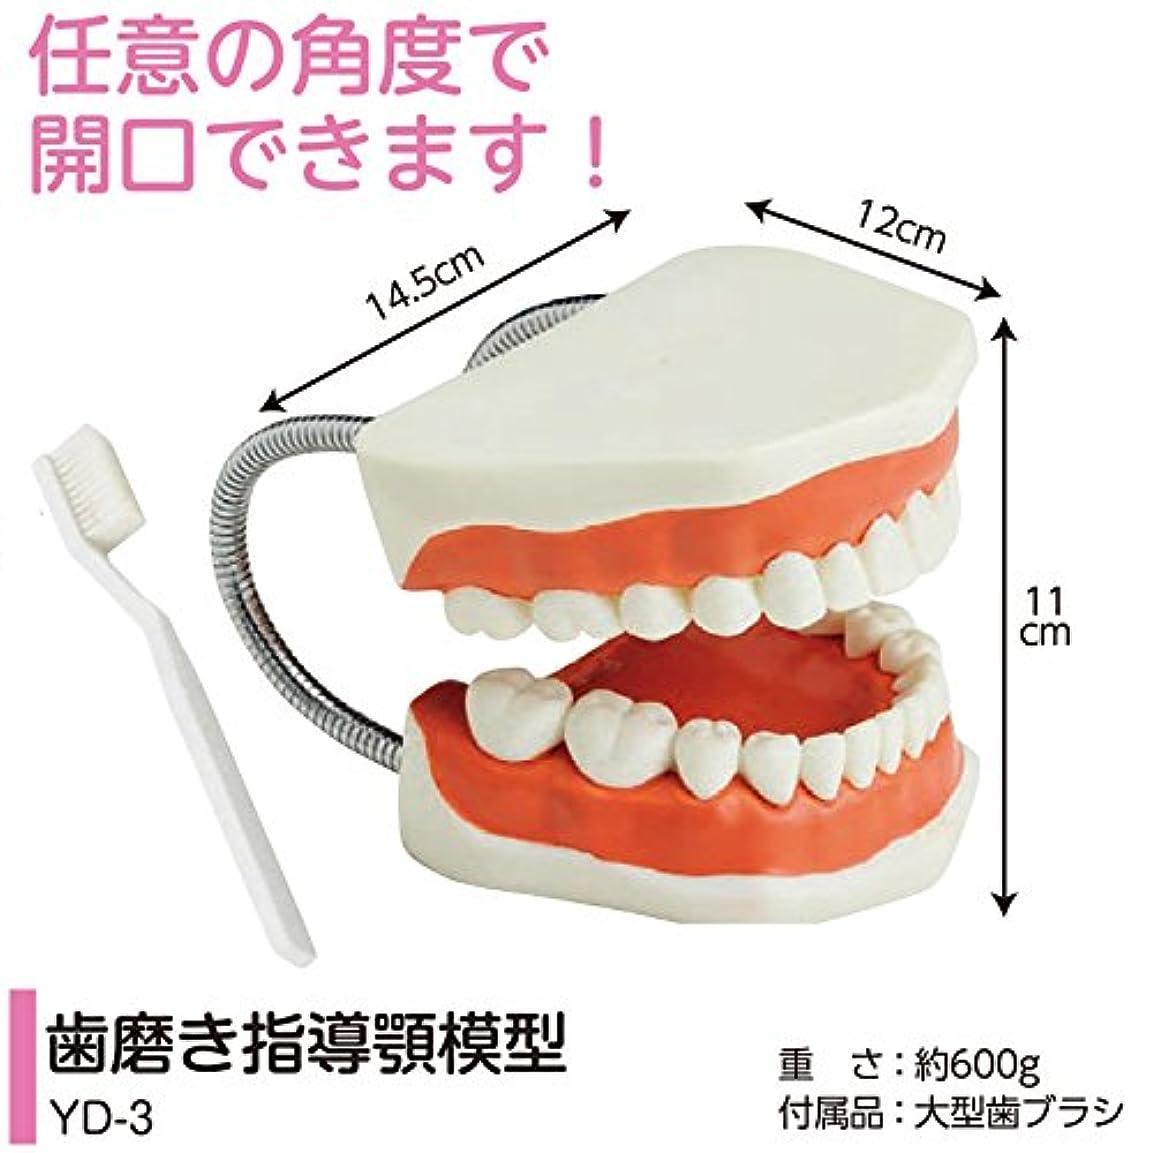 先見の明虚偽債務歯磨き指導用 顎模型 YD-3(歯ブラシ付) 軽くて持ちやすい歯みがき指導顎模型